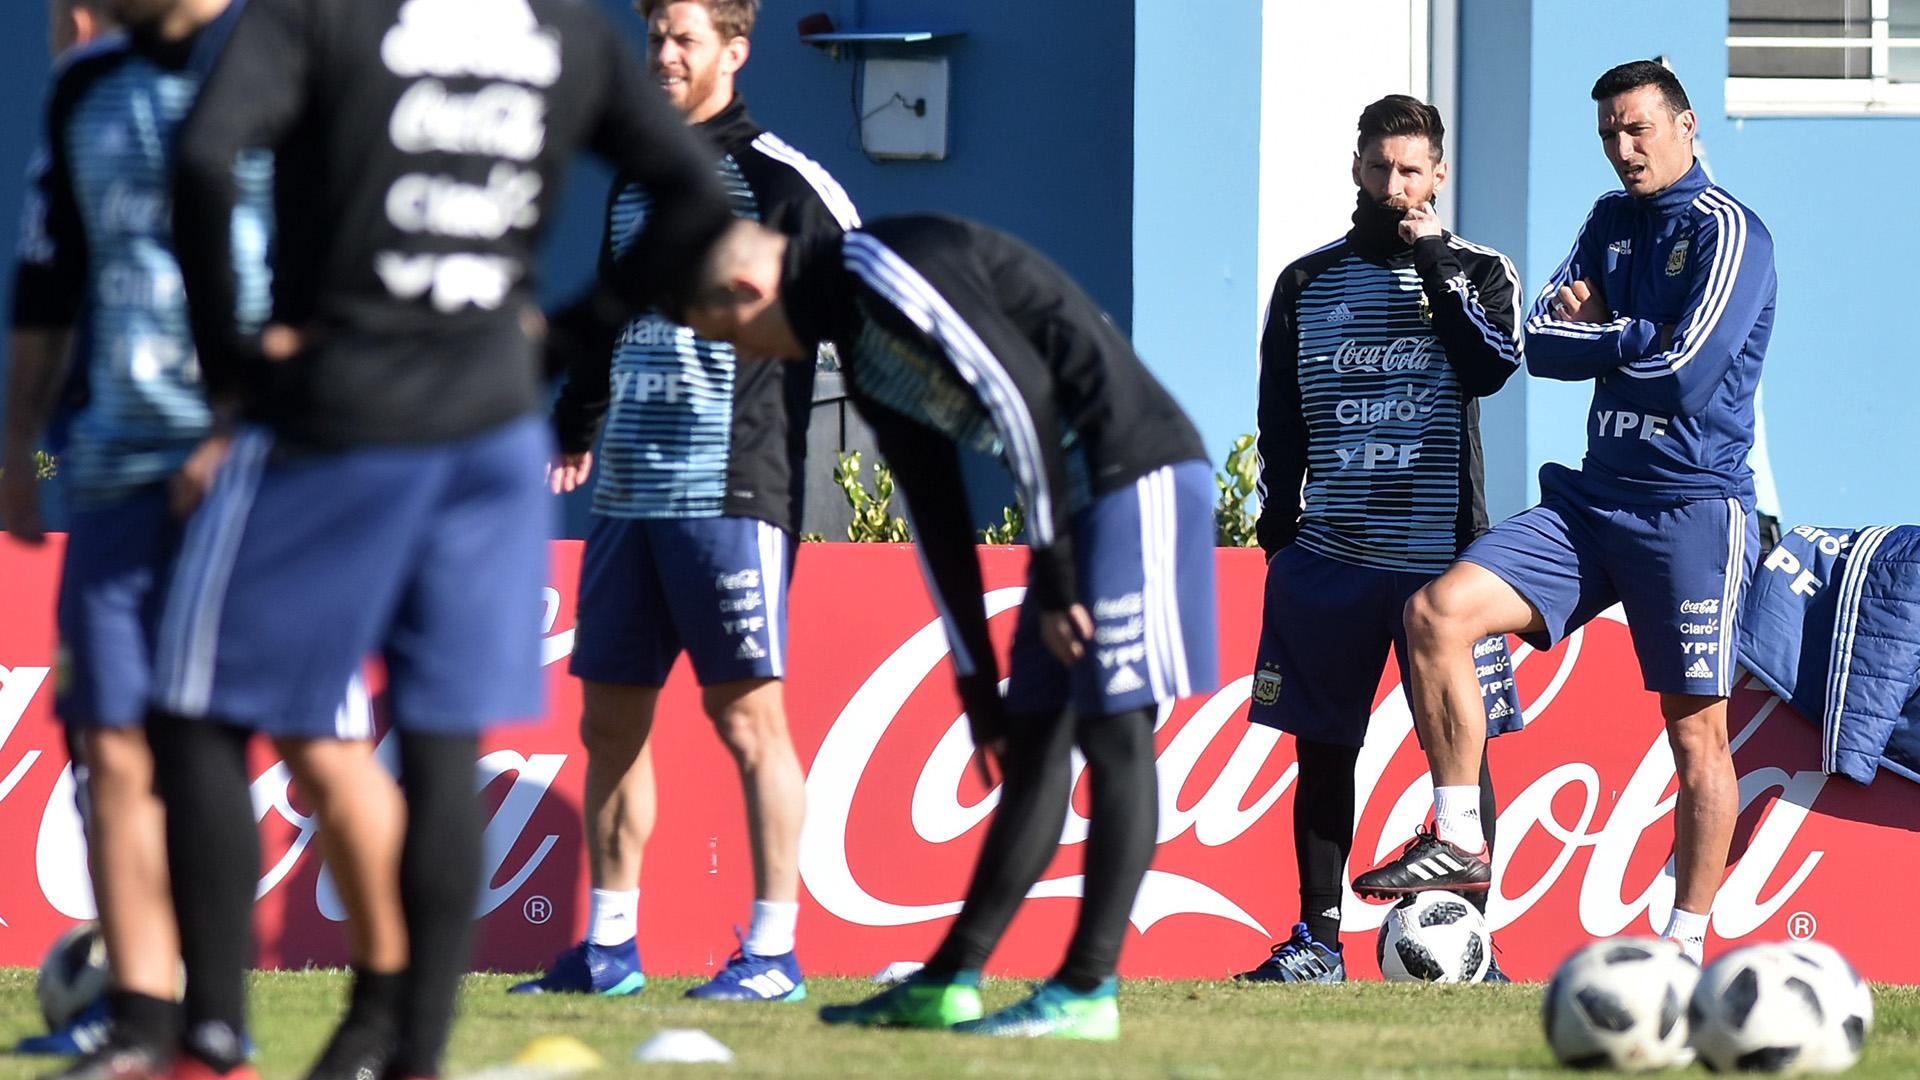 Lionel Messi jugaría el primero de los dos amistosos que tiene pautados la Selección el mes próximo (FotoBAIRES)